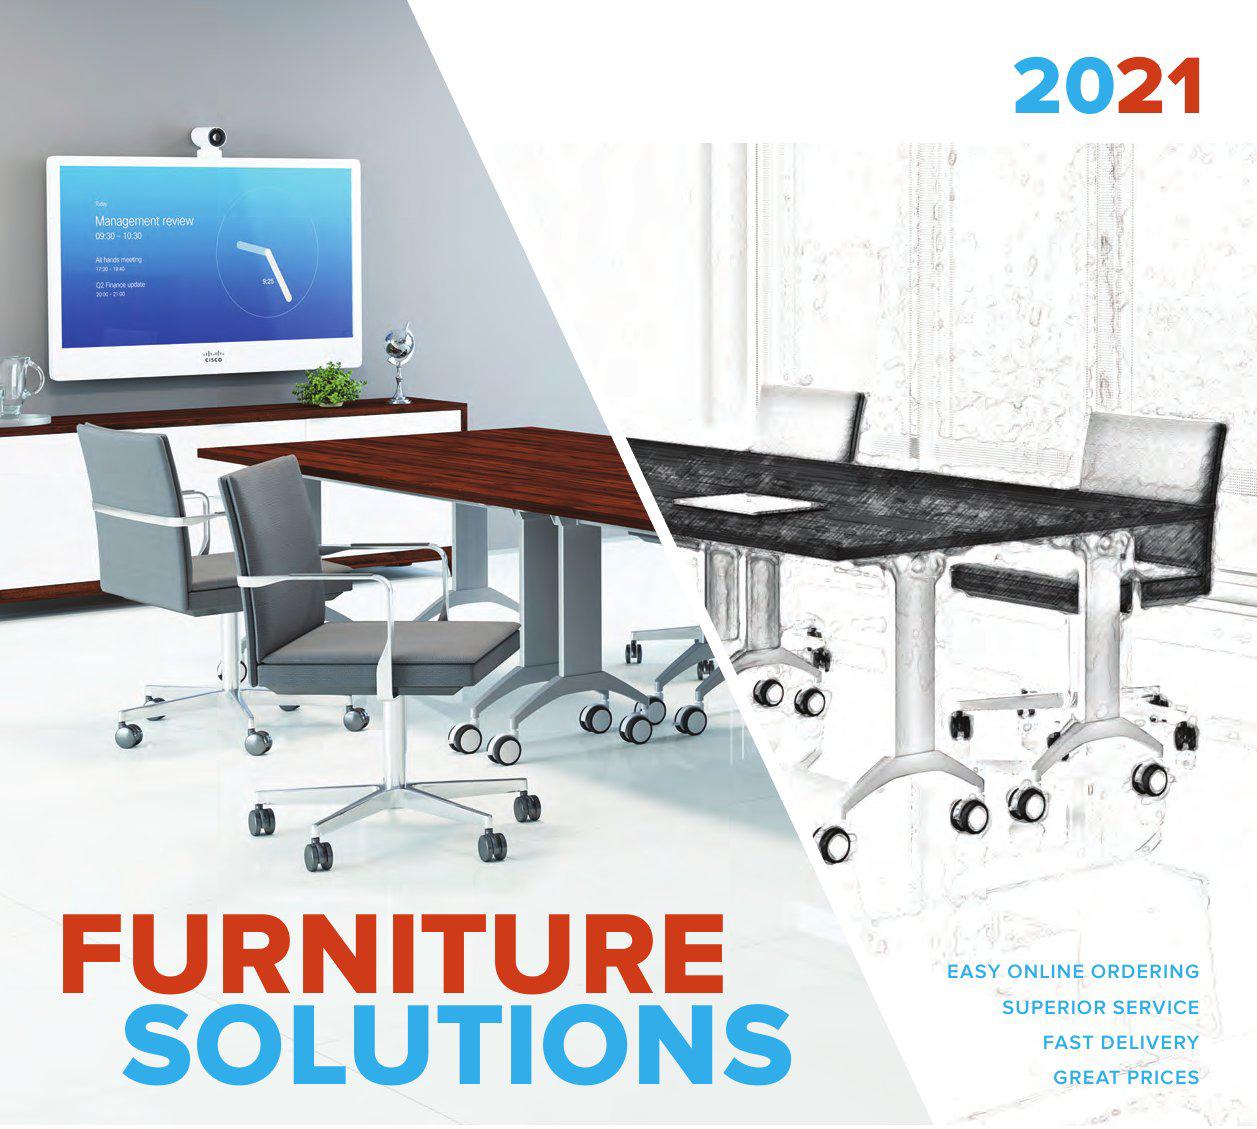 2021 Furniture Catalog